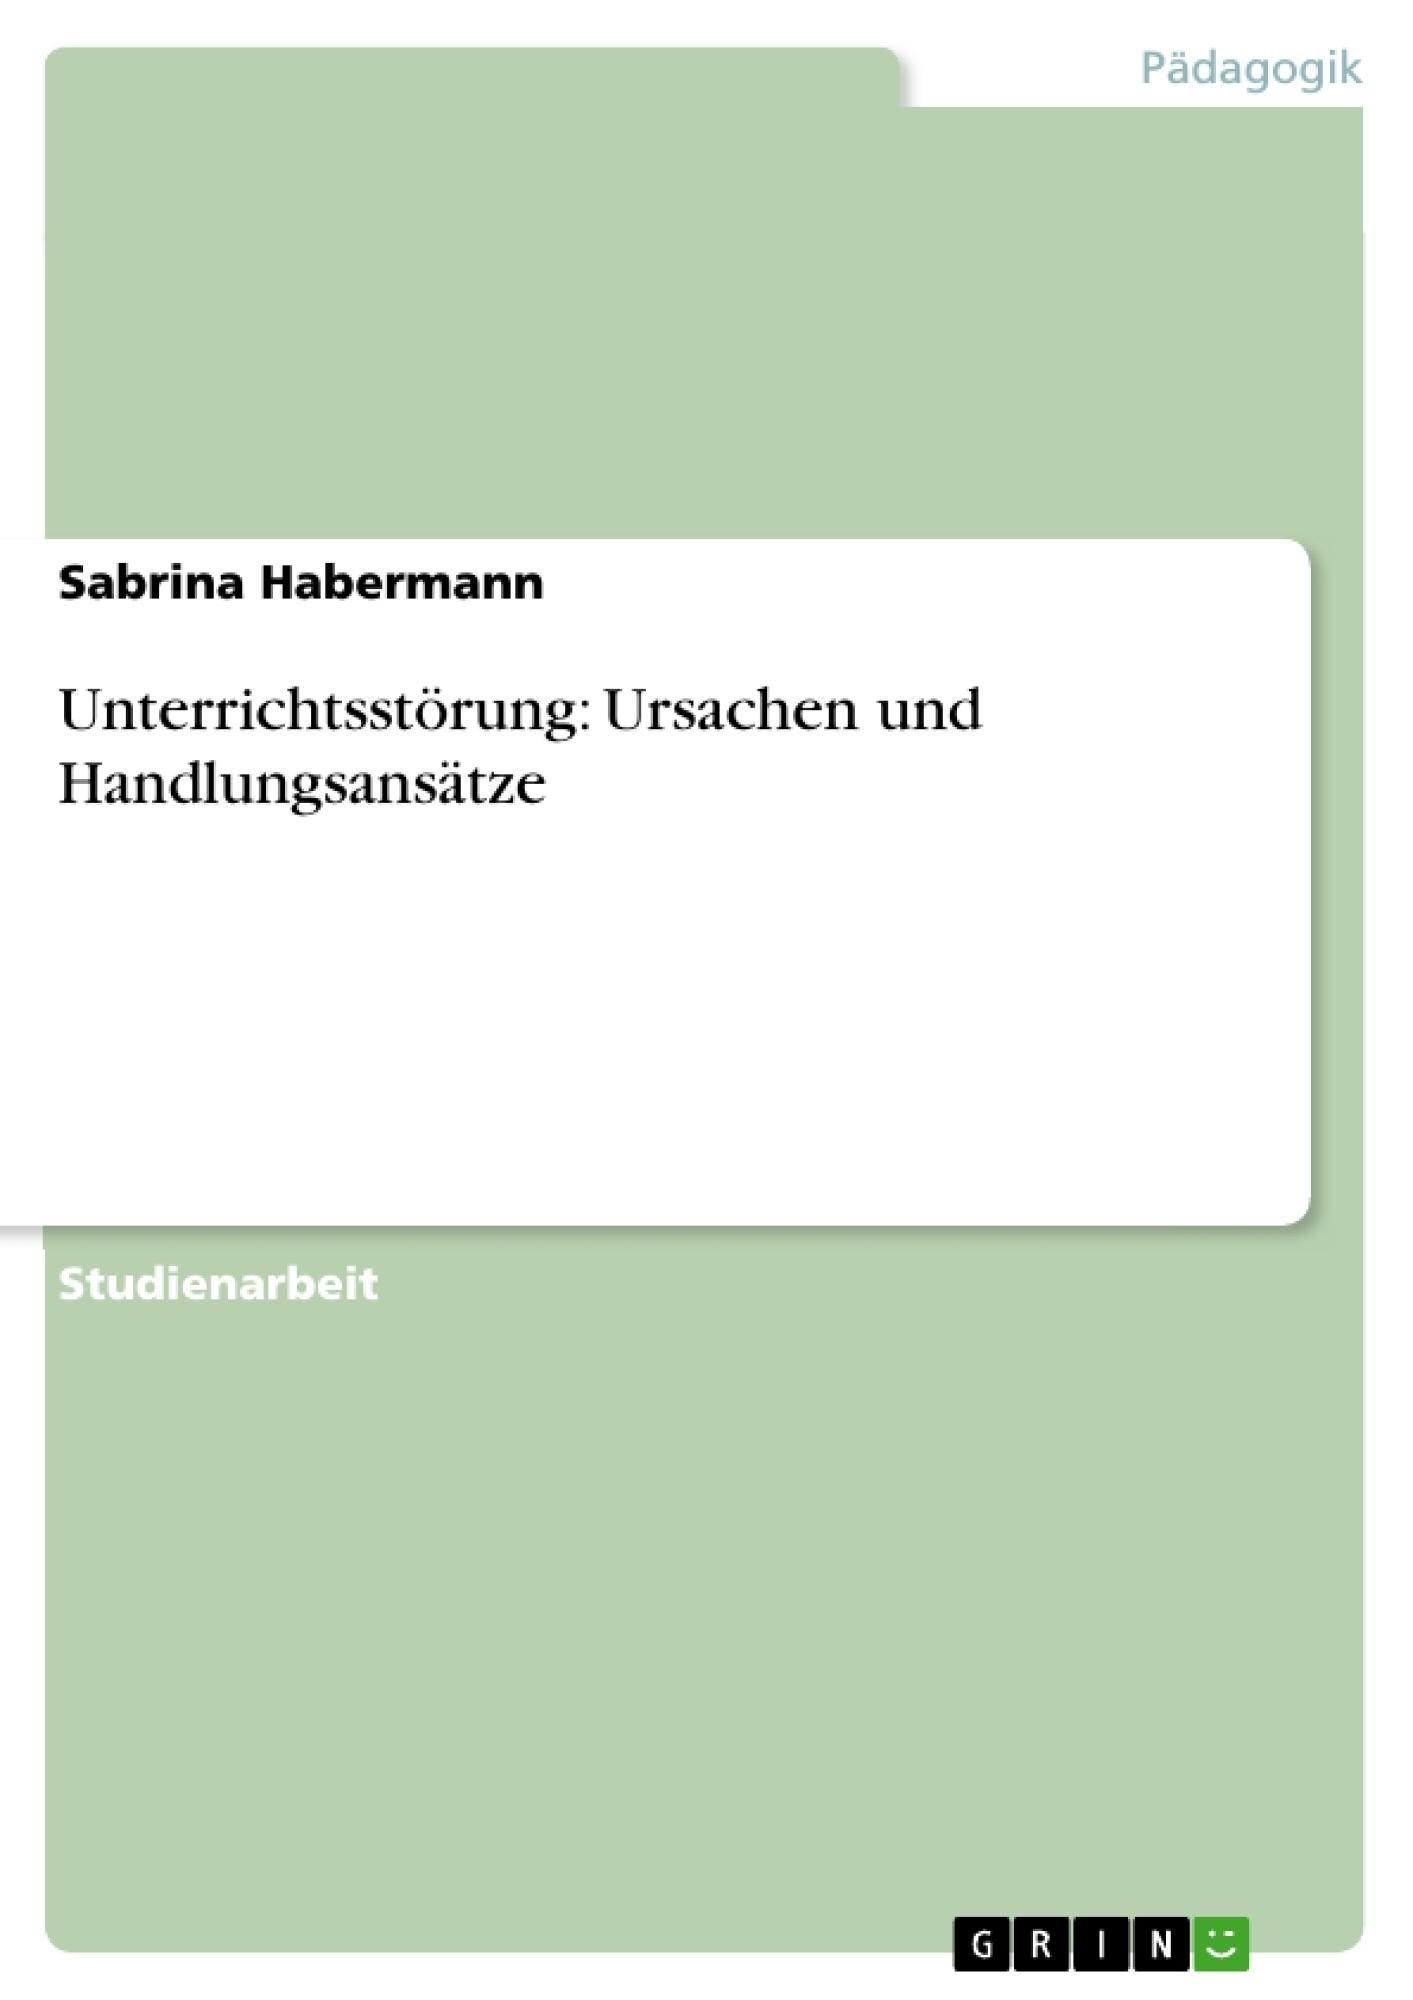 Titel: Unterrichtsstörung: Ursachen und Handlungsansätze